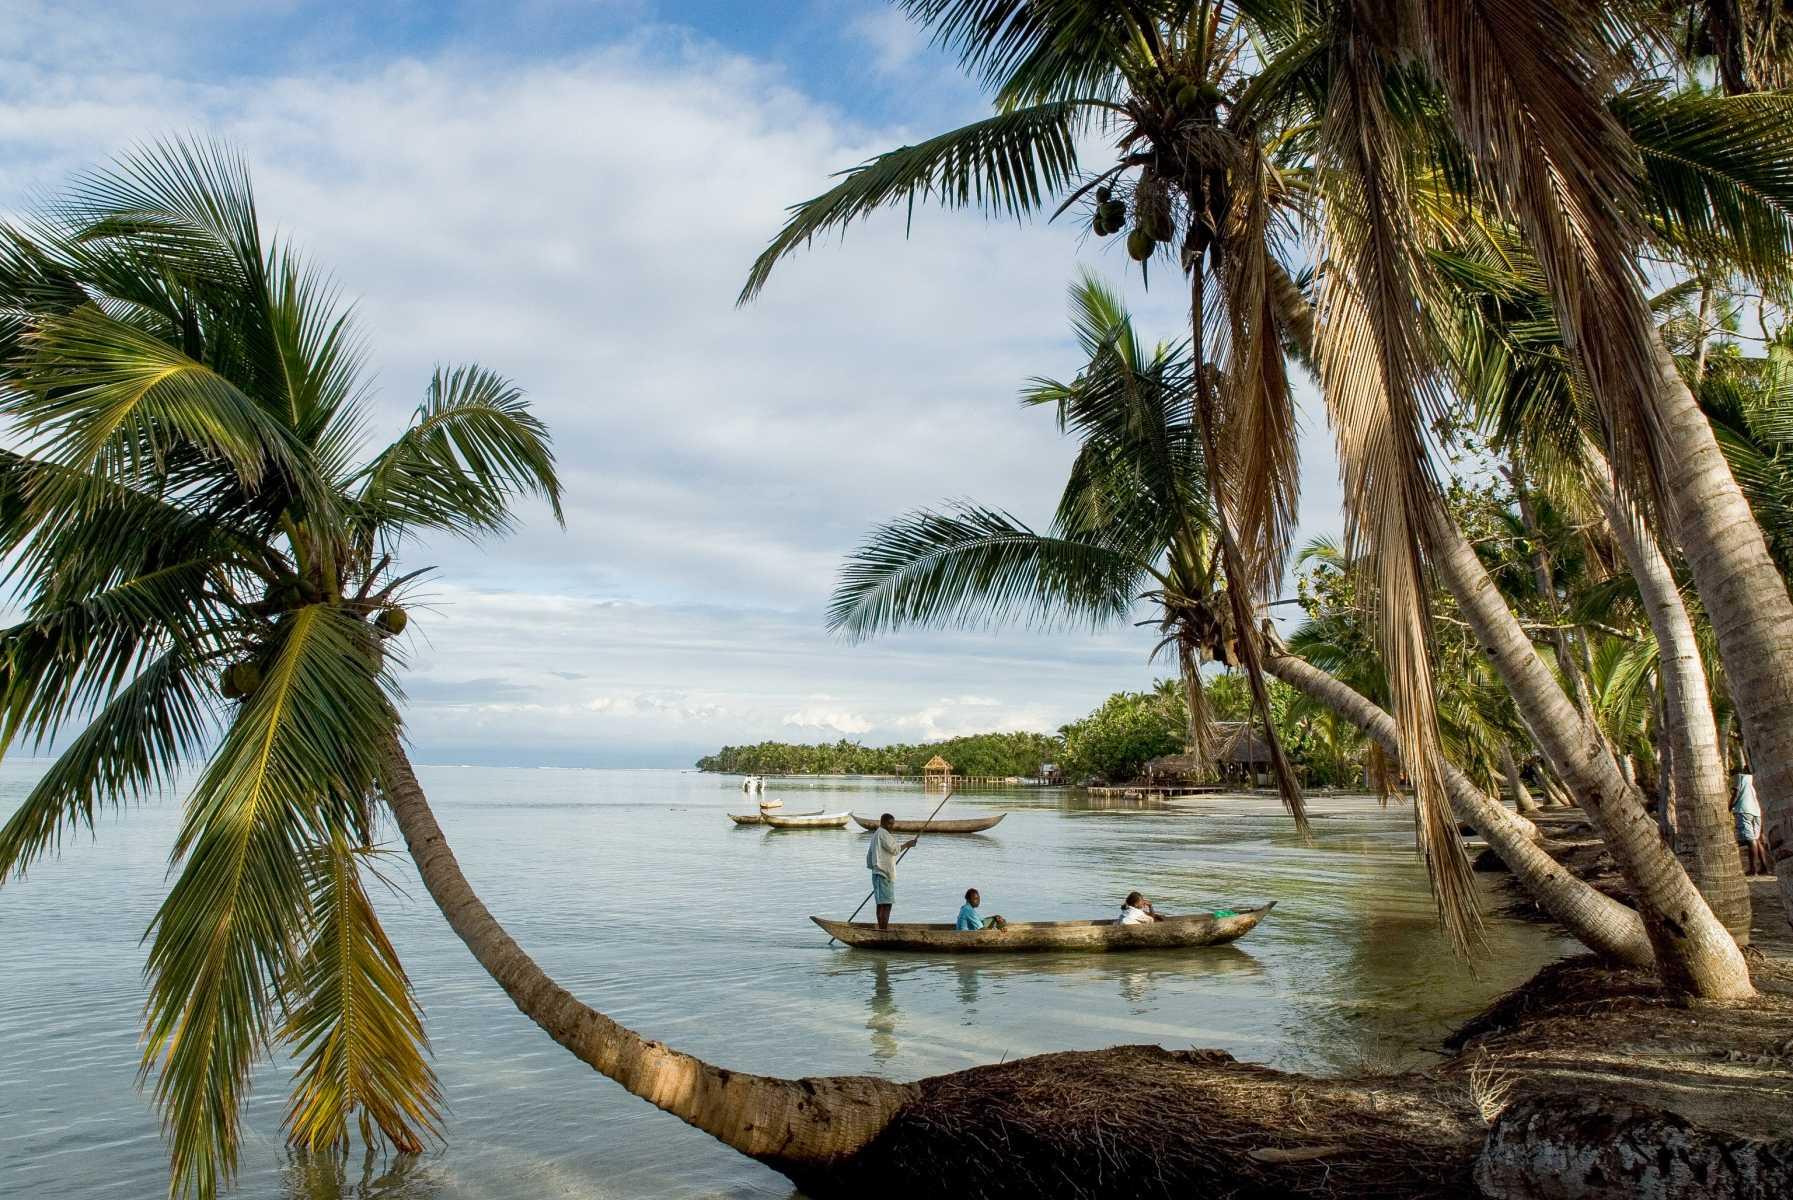 Afrique - Madagascar- Sainte-Marie - Arrivée en pirogue sur l'îlot aux Nattes et ses plages idylliques liserées de cocotiers…